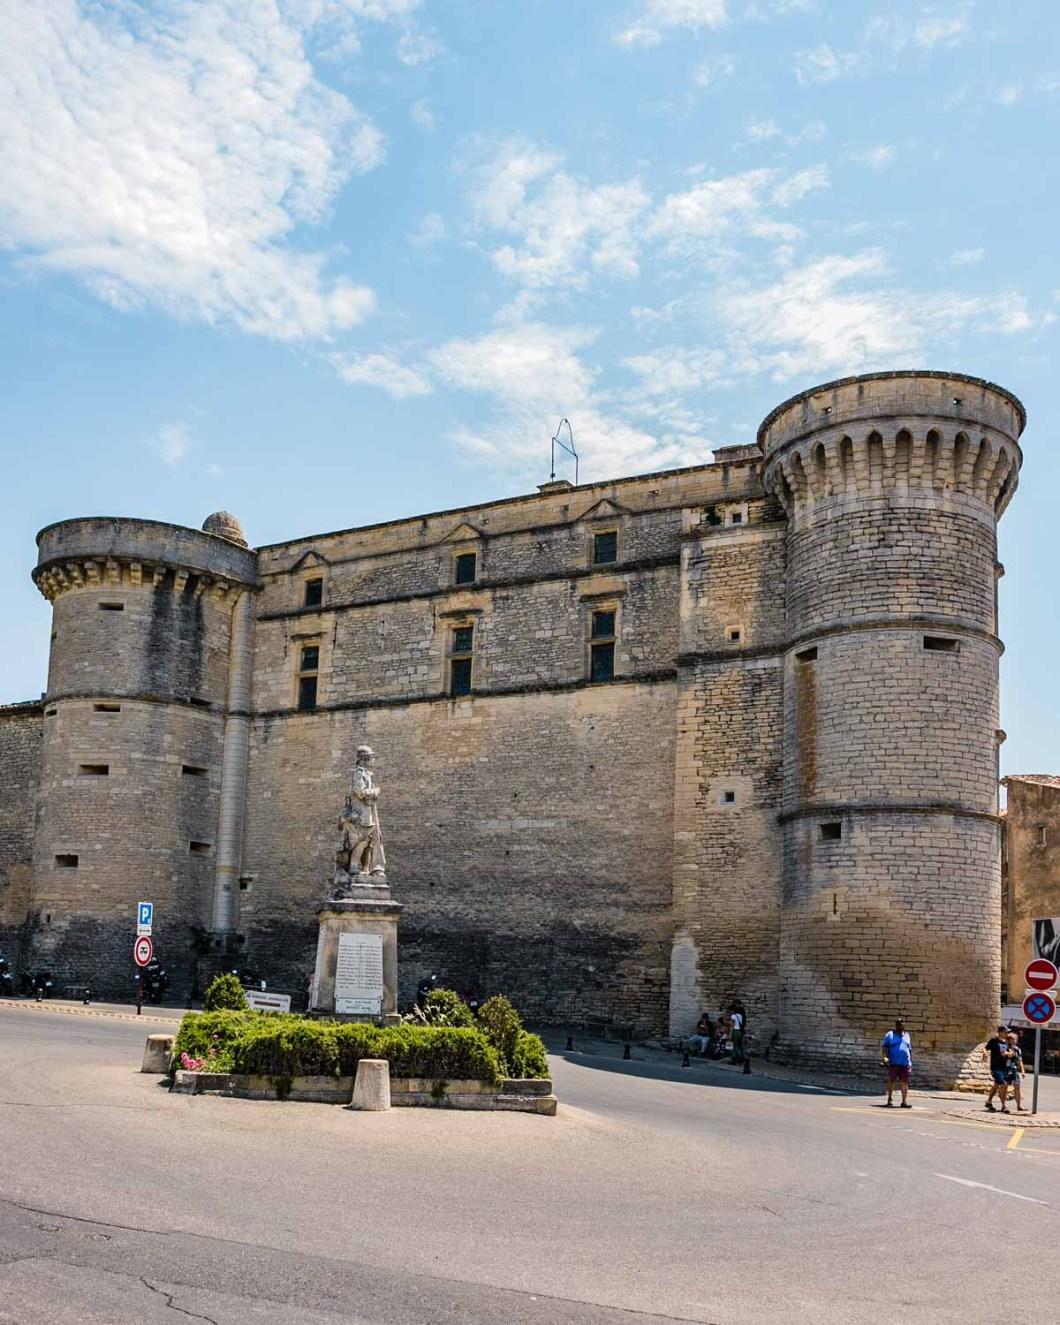 Château de Gordes (Gordes Castle) in Provence